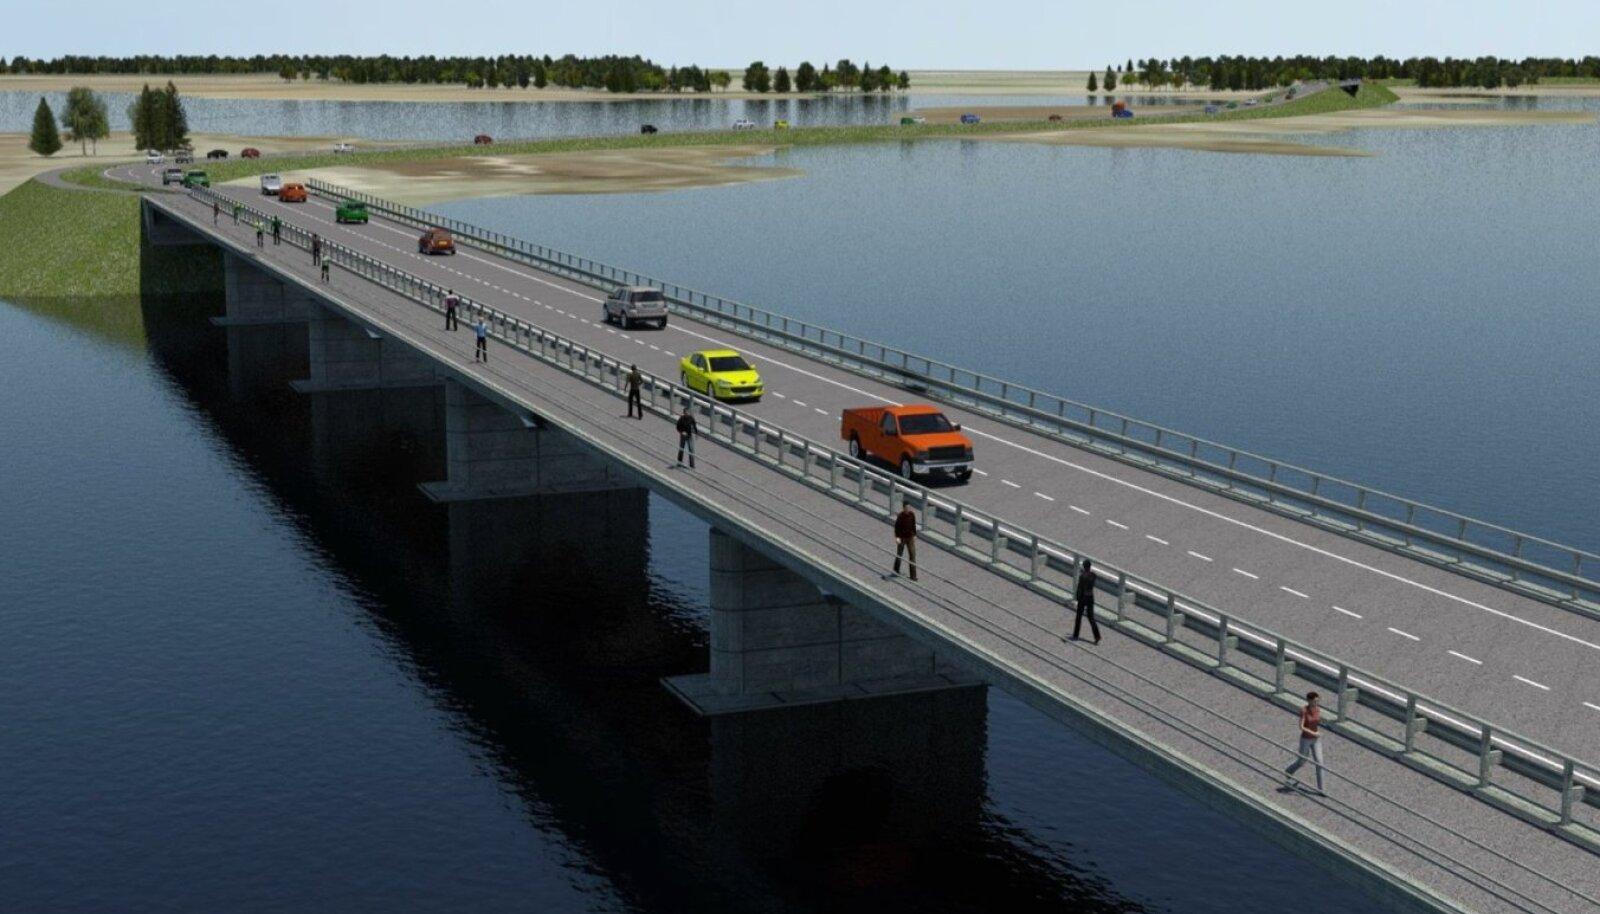 Eskiisis on välja pakutud, et sild võiks välja näha selline.